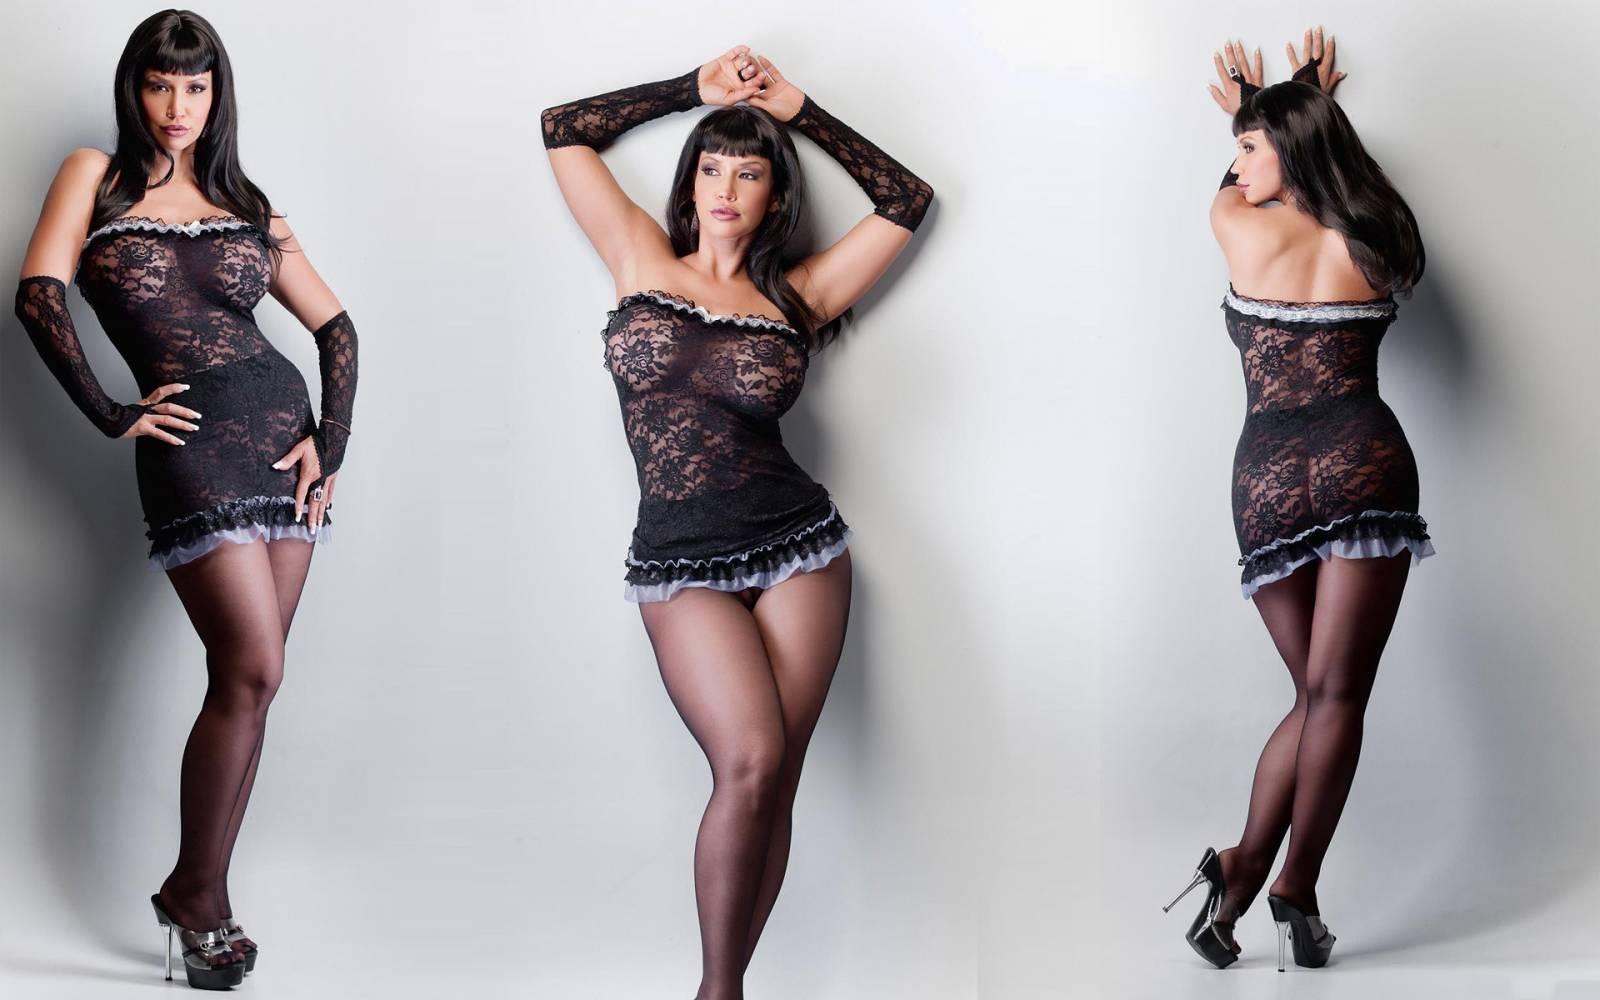 Самые секси тёлки в колготках и мини платьях фото 5 фотография